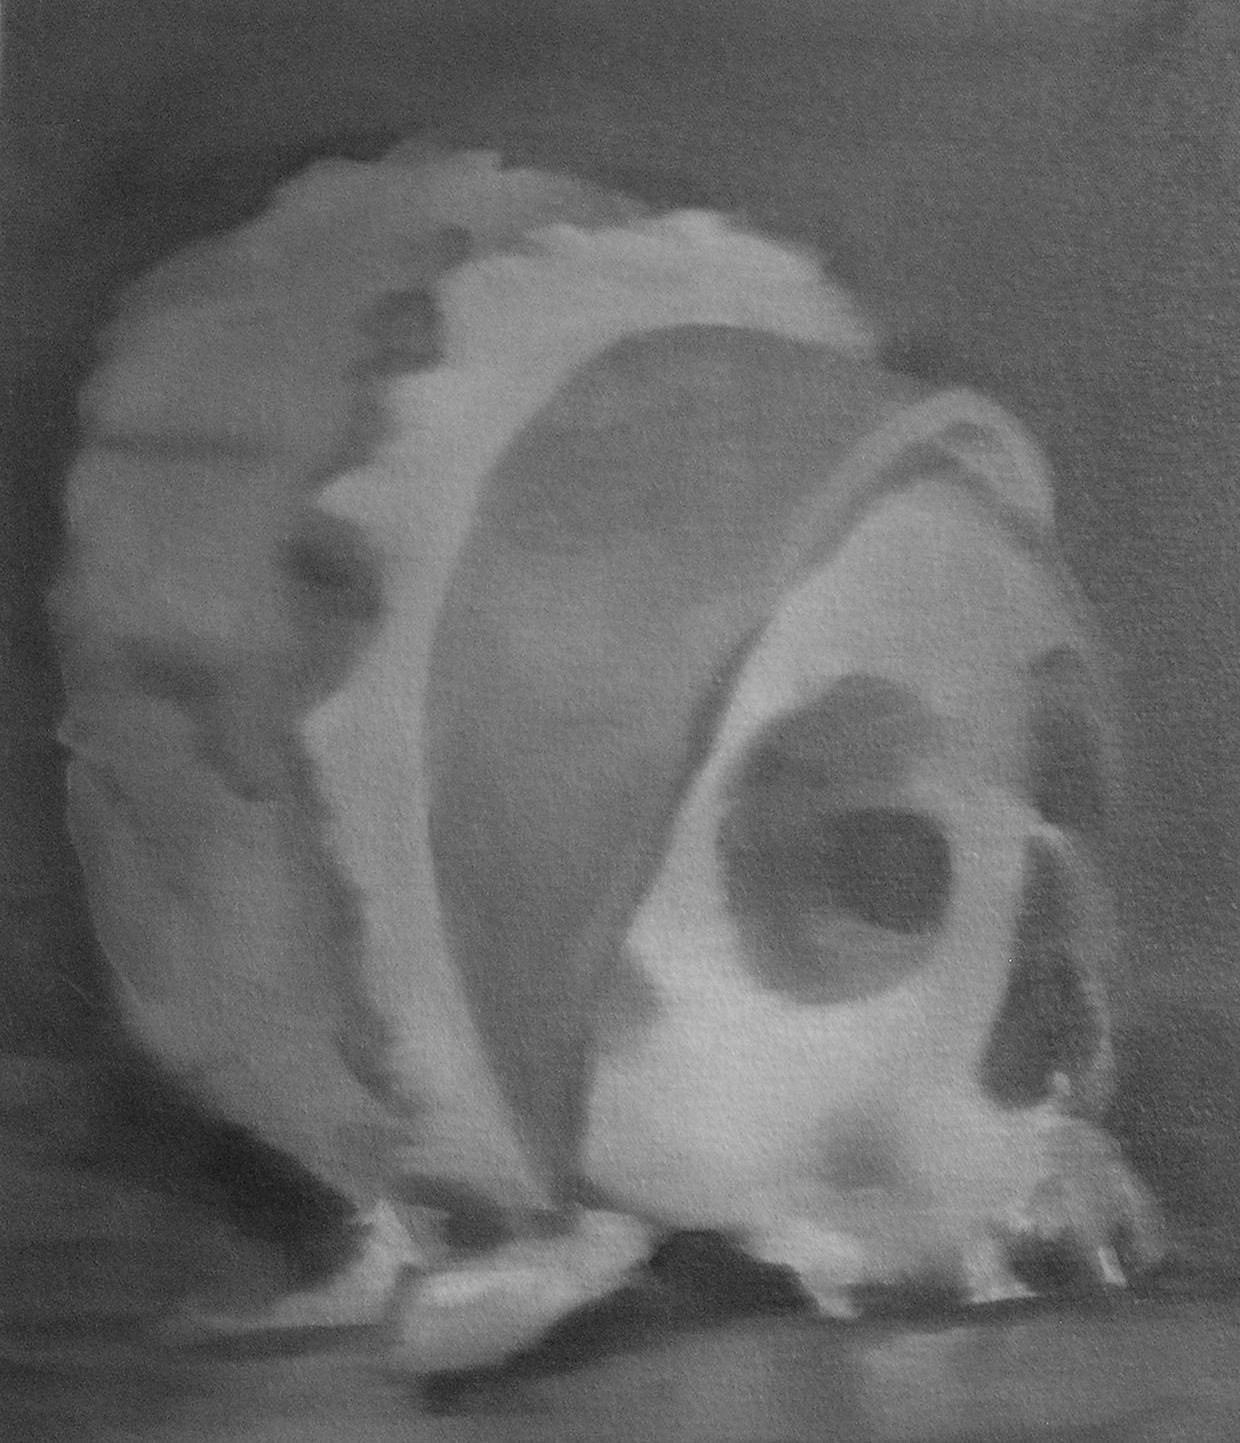 Skull Wearing a Baby Bonnet